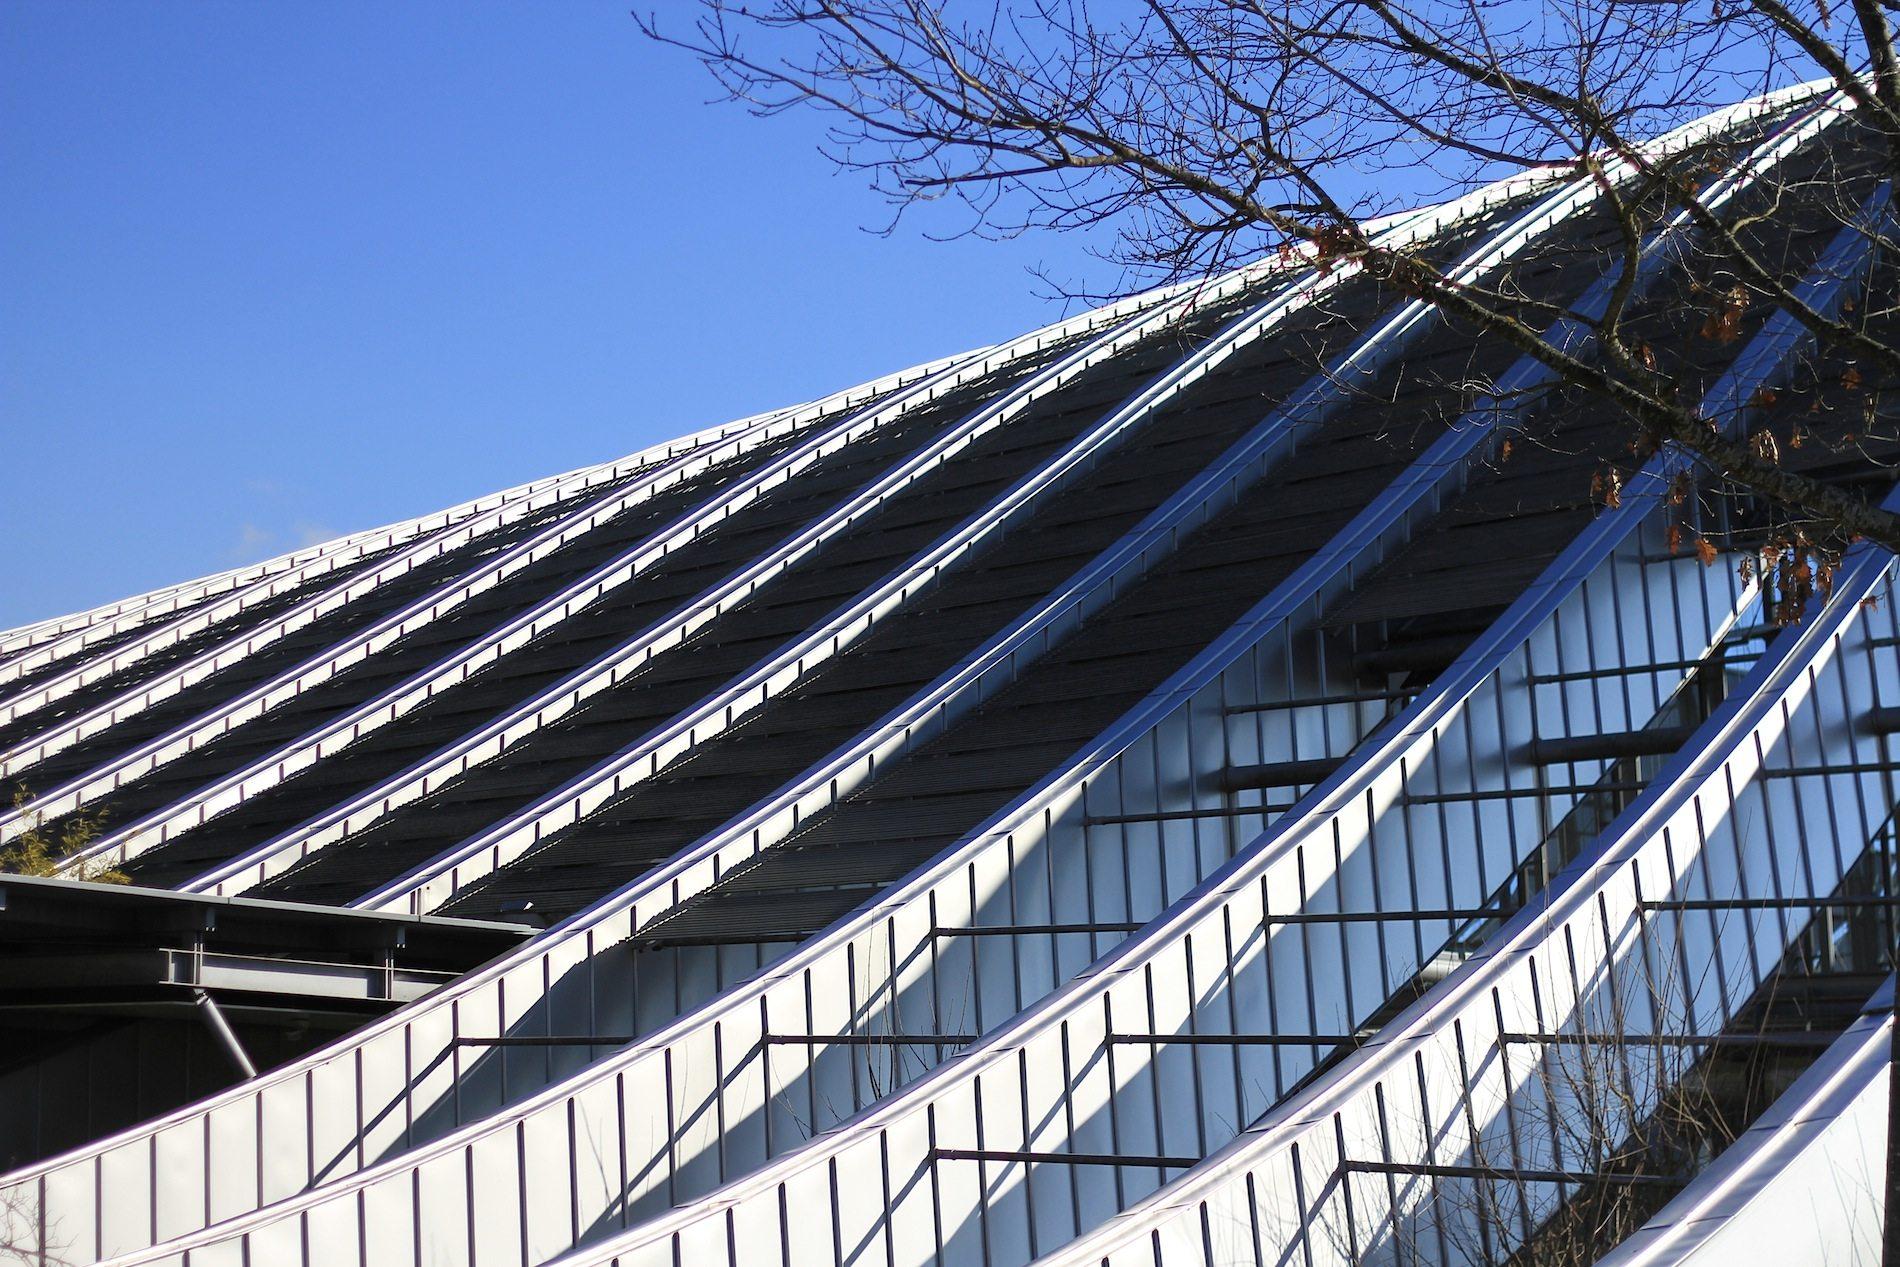 Zentrum Paul Klee. ... Sie beschreibt im Grundriss und in beiden Aufrissen Kreissegmente ...